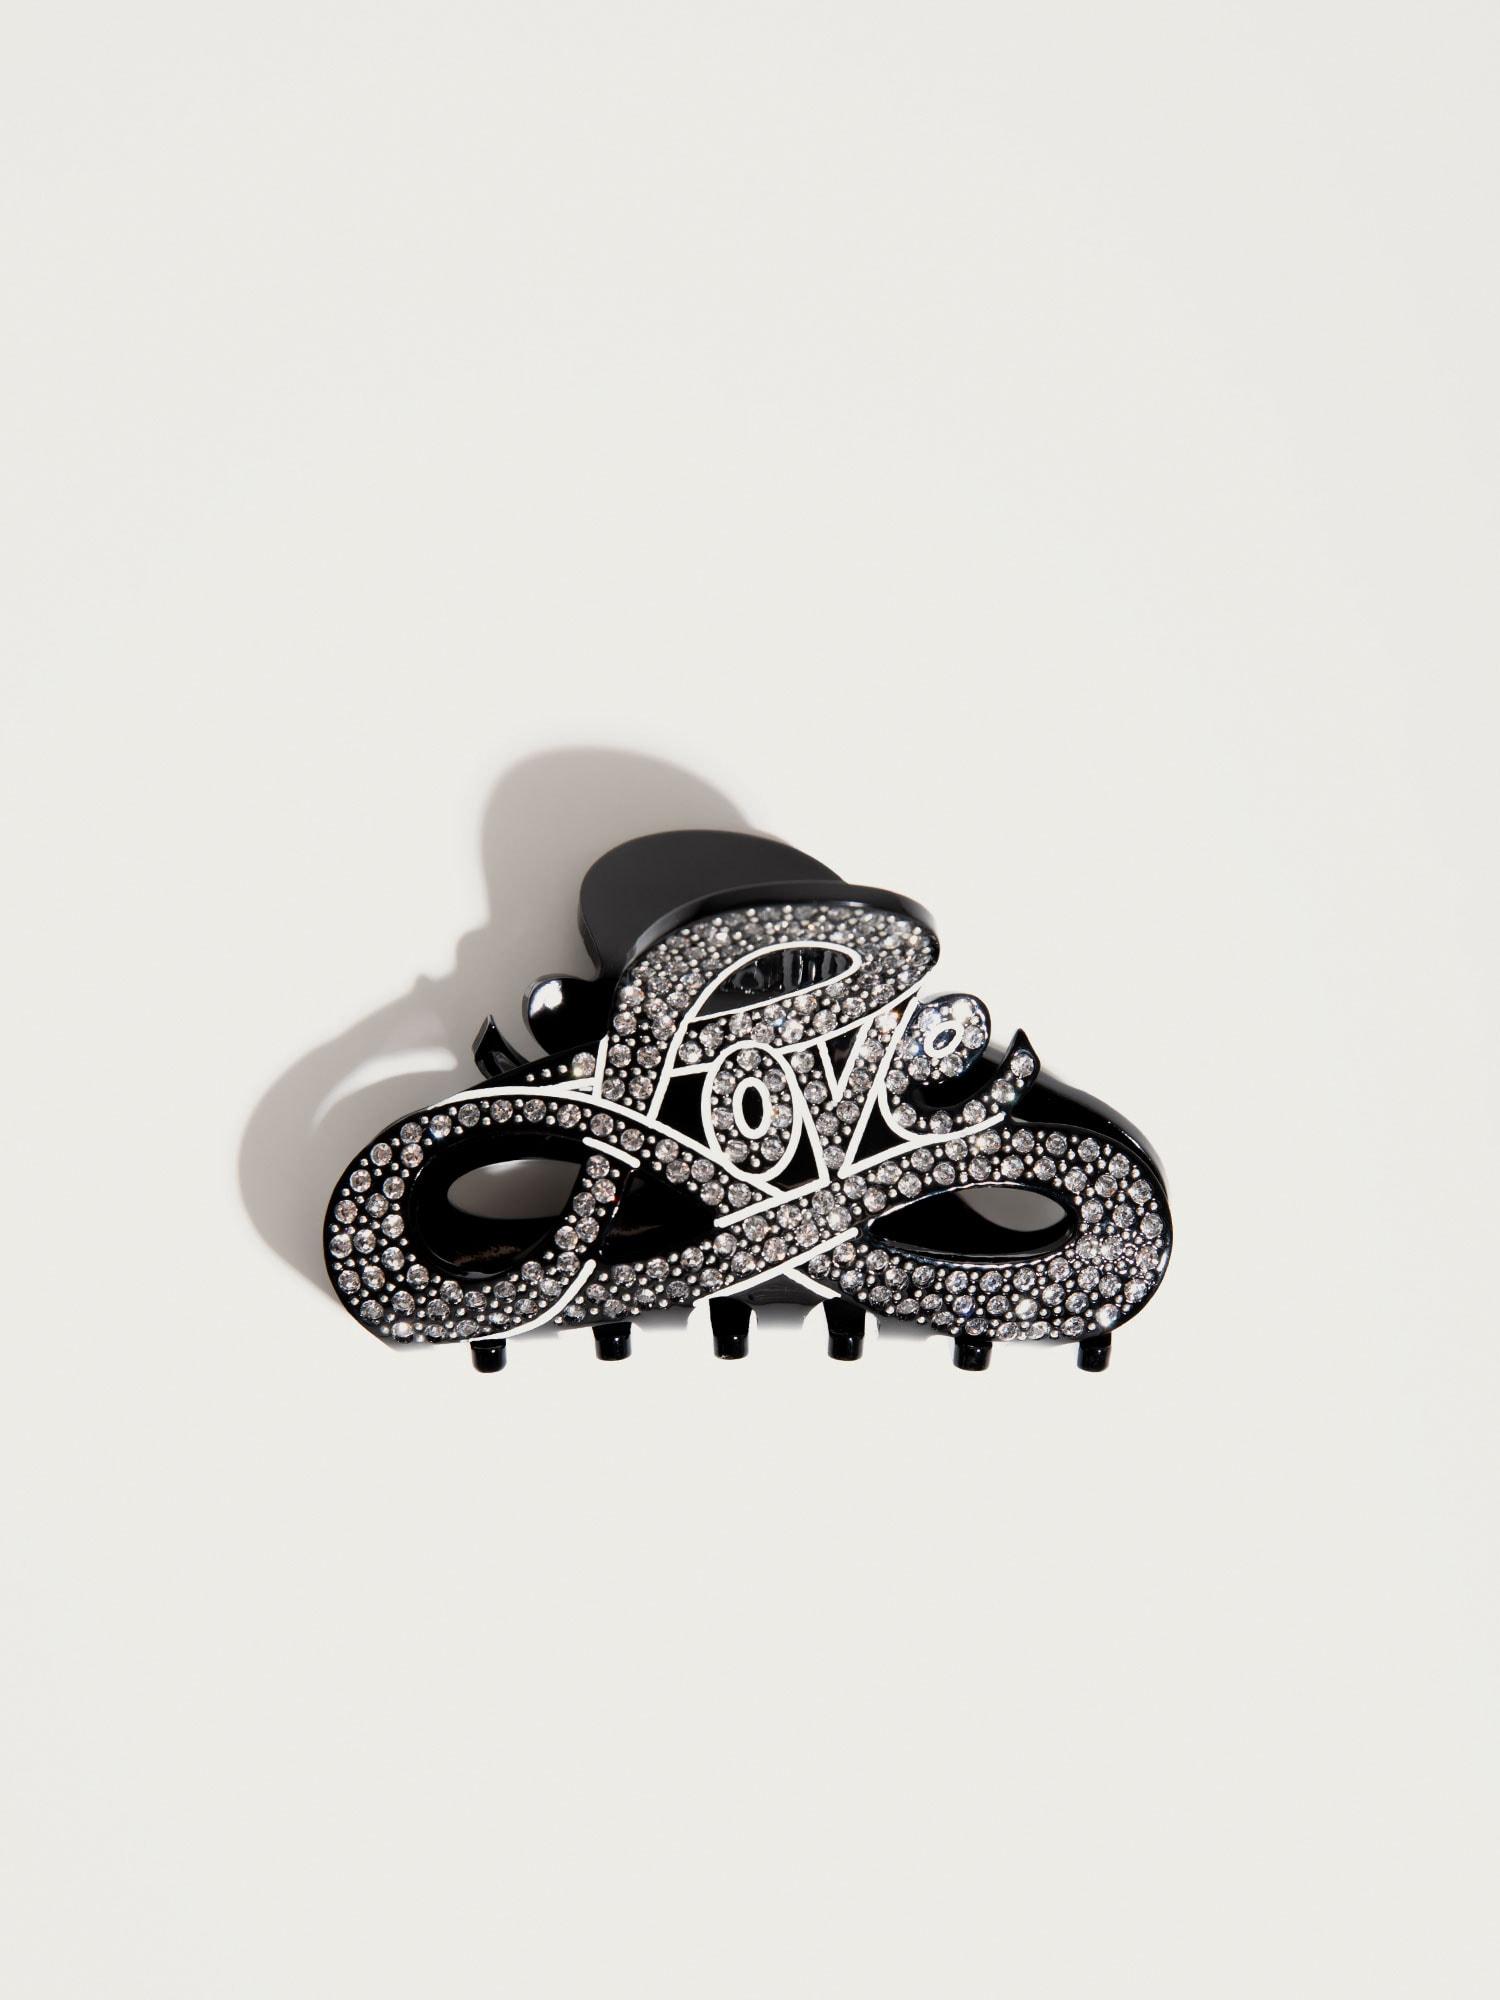 Šperky do vlasů Love černá stříbrná Pico For EDITED